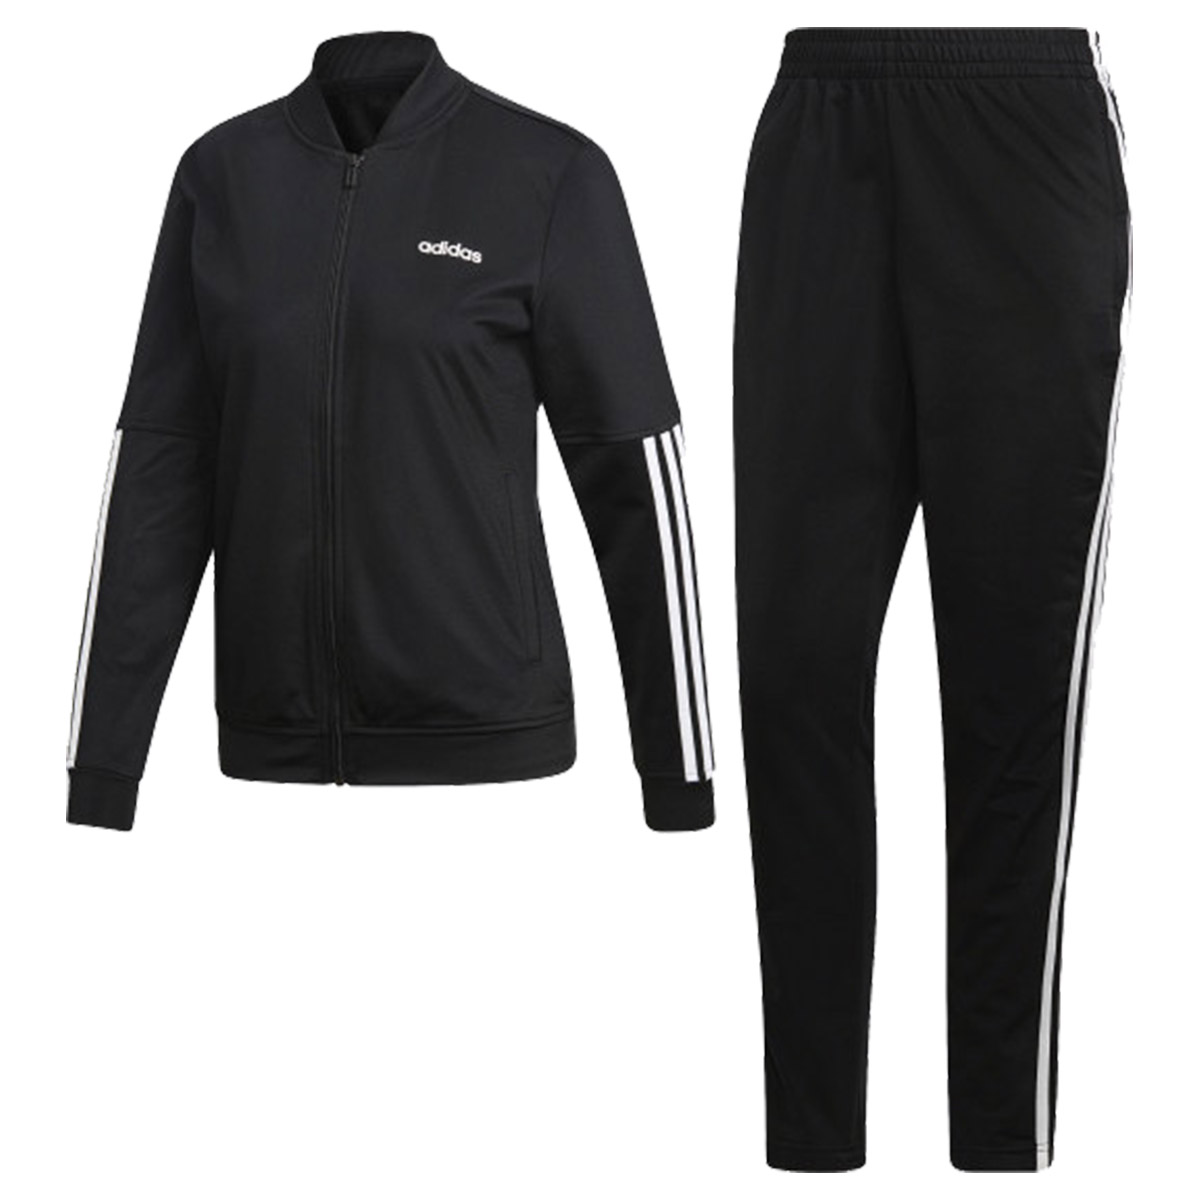 Спортивный костюм adidas спортивный костюм детский adidas i fun jog fl цвет черный серый ce9729 размер 86